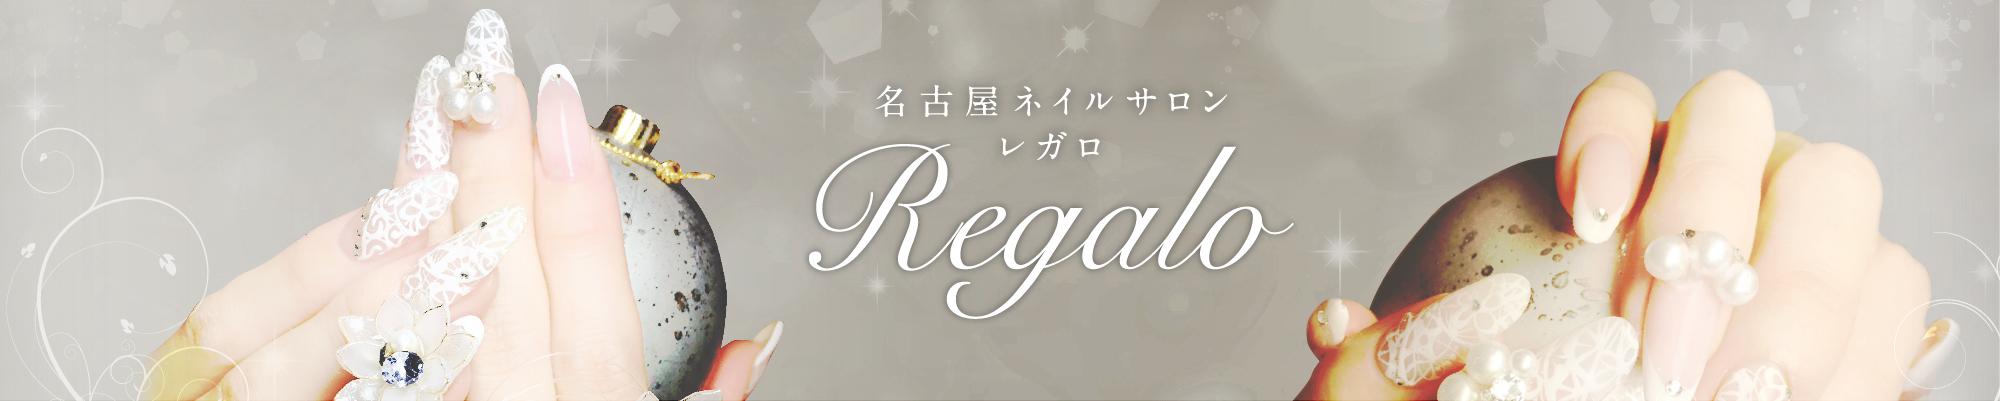 名古屋ネイルサロン レガロ Regalo